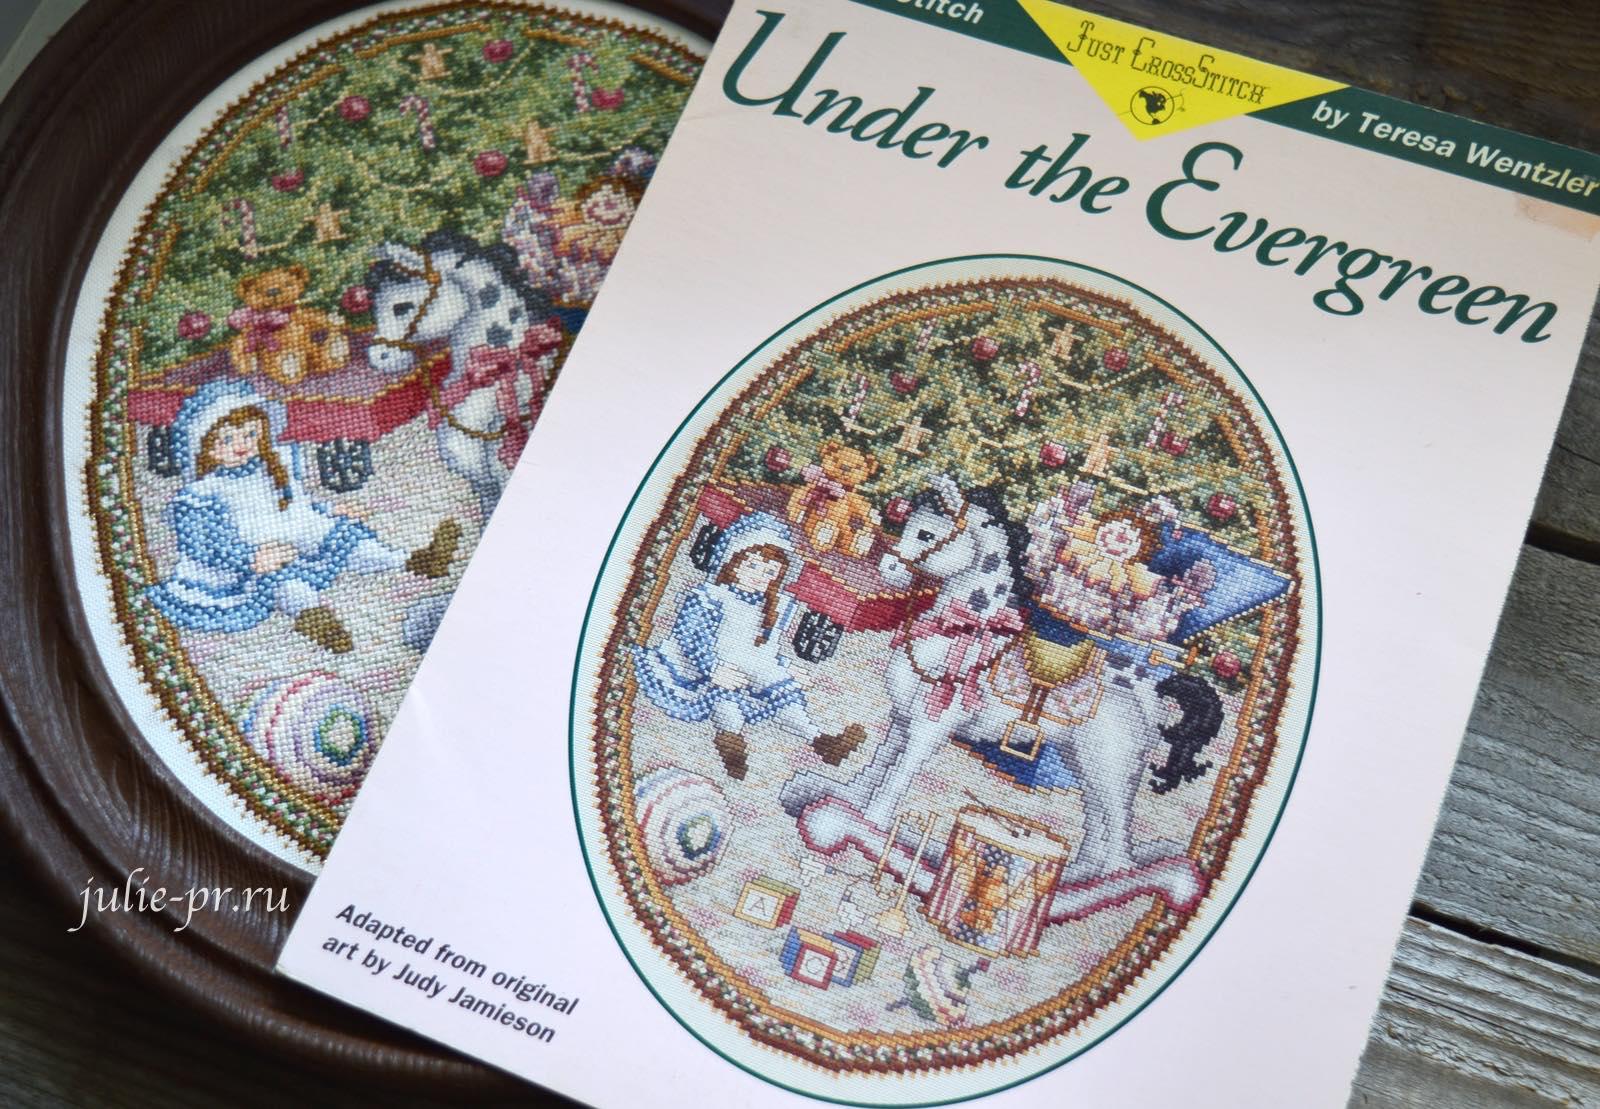 Teresa Wentzler, Under the Evergreen, под елкой, Тереза Венцлер, вышивка крестом, оригинальная схема, Just cross stitch